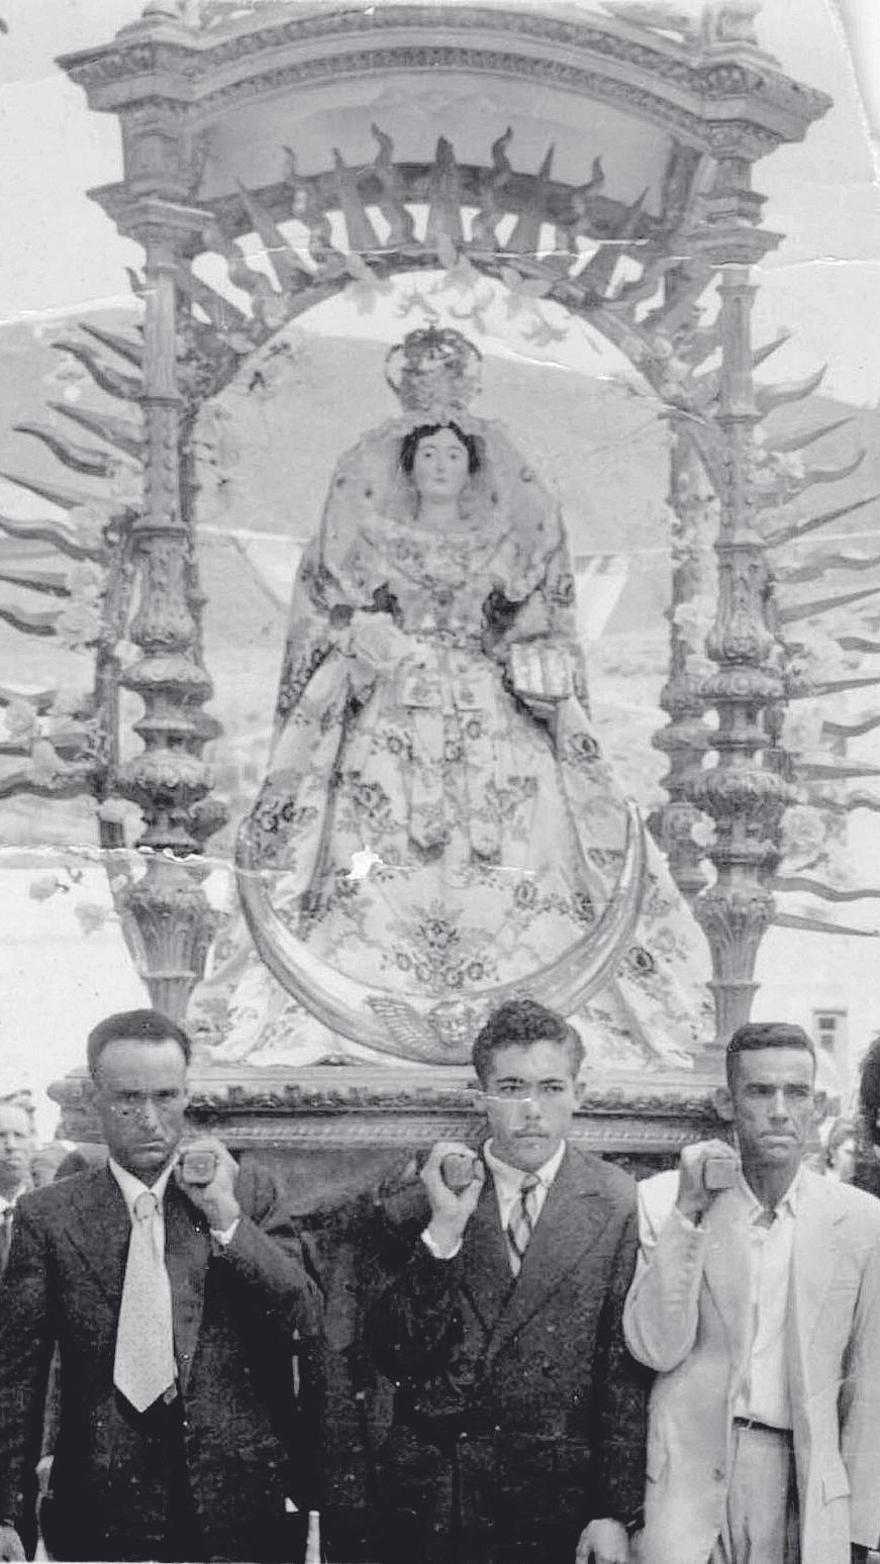 Procesión de la Virgen de la Encarnación, en su antiguo Baldaquino, años 50.